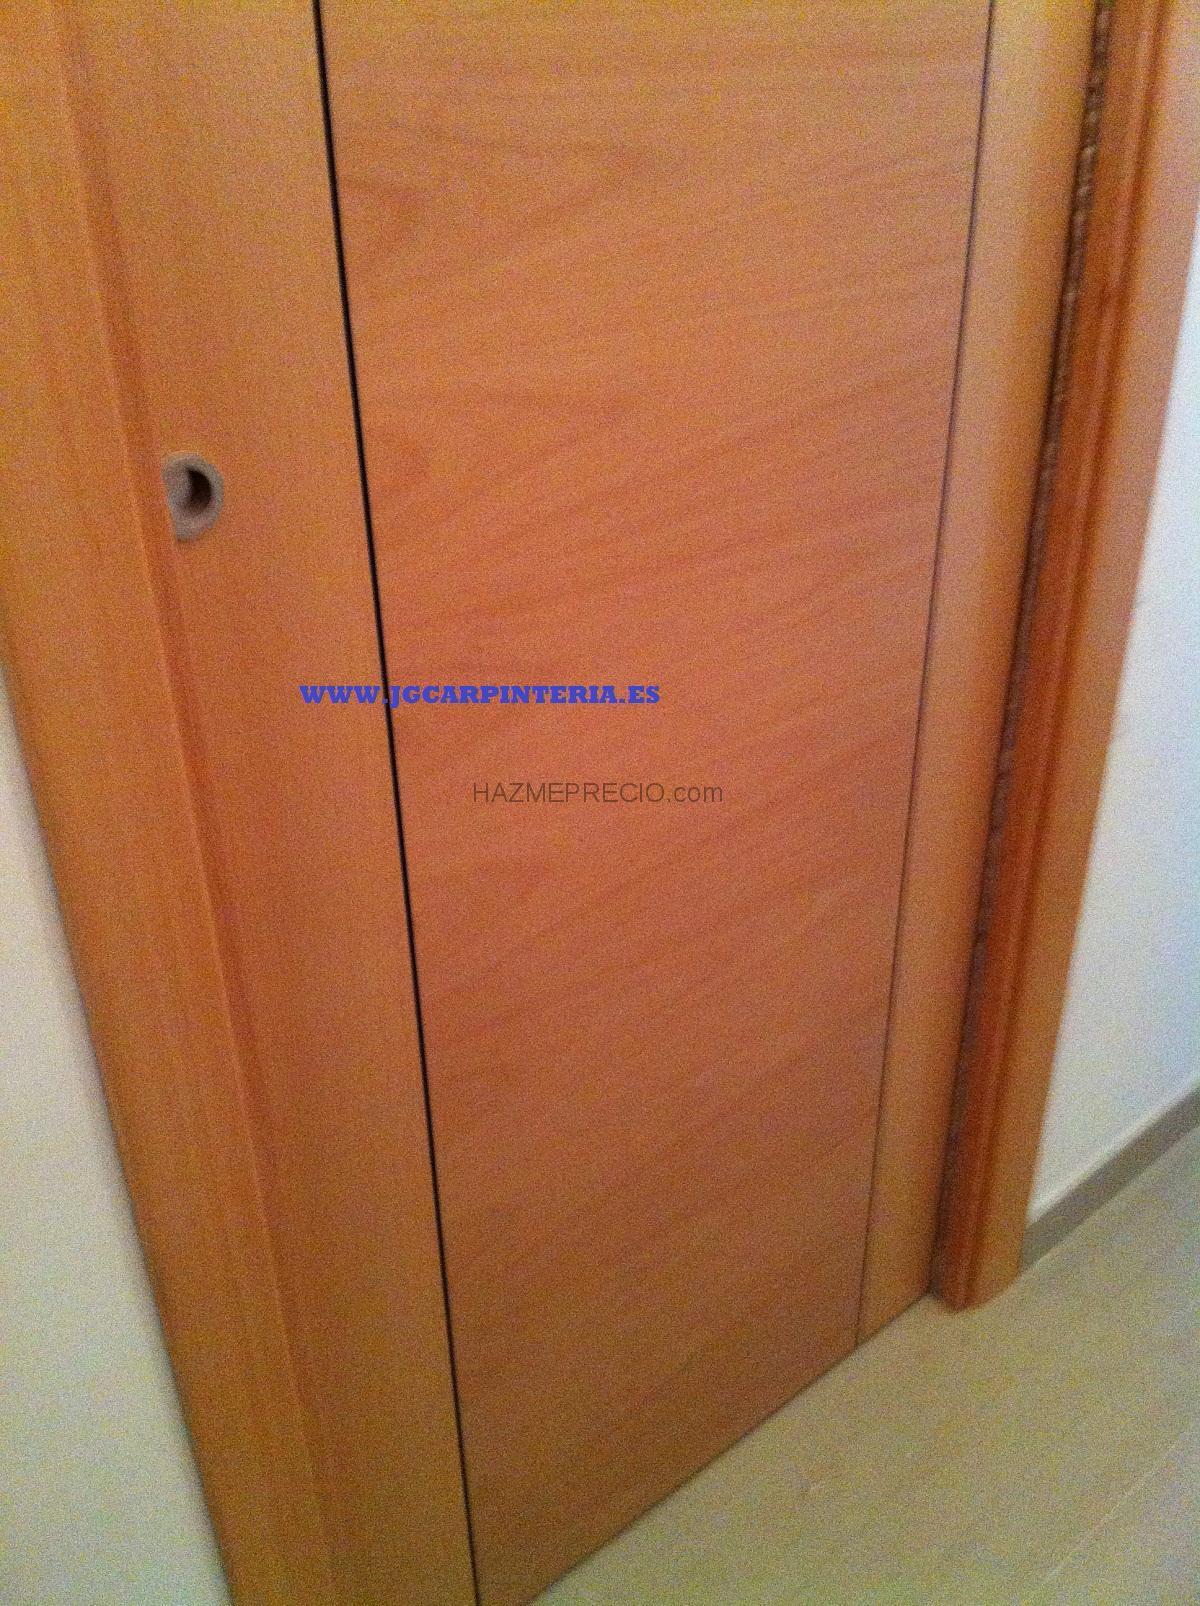 Presupuesto para cambiar 7 puertas de interior lisas for Presupuesto puertas interior